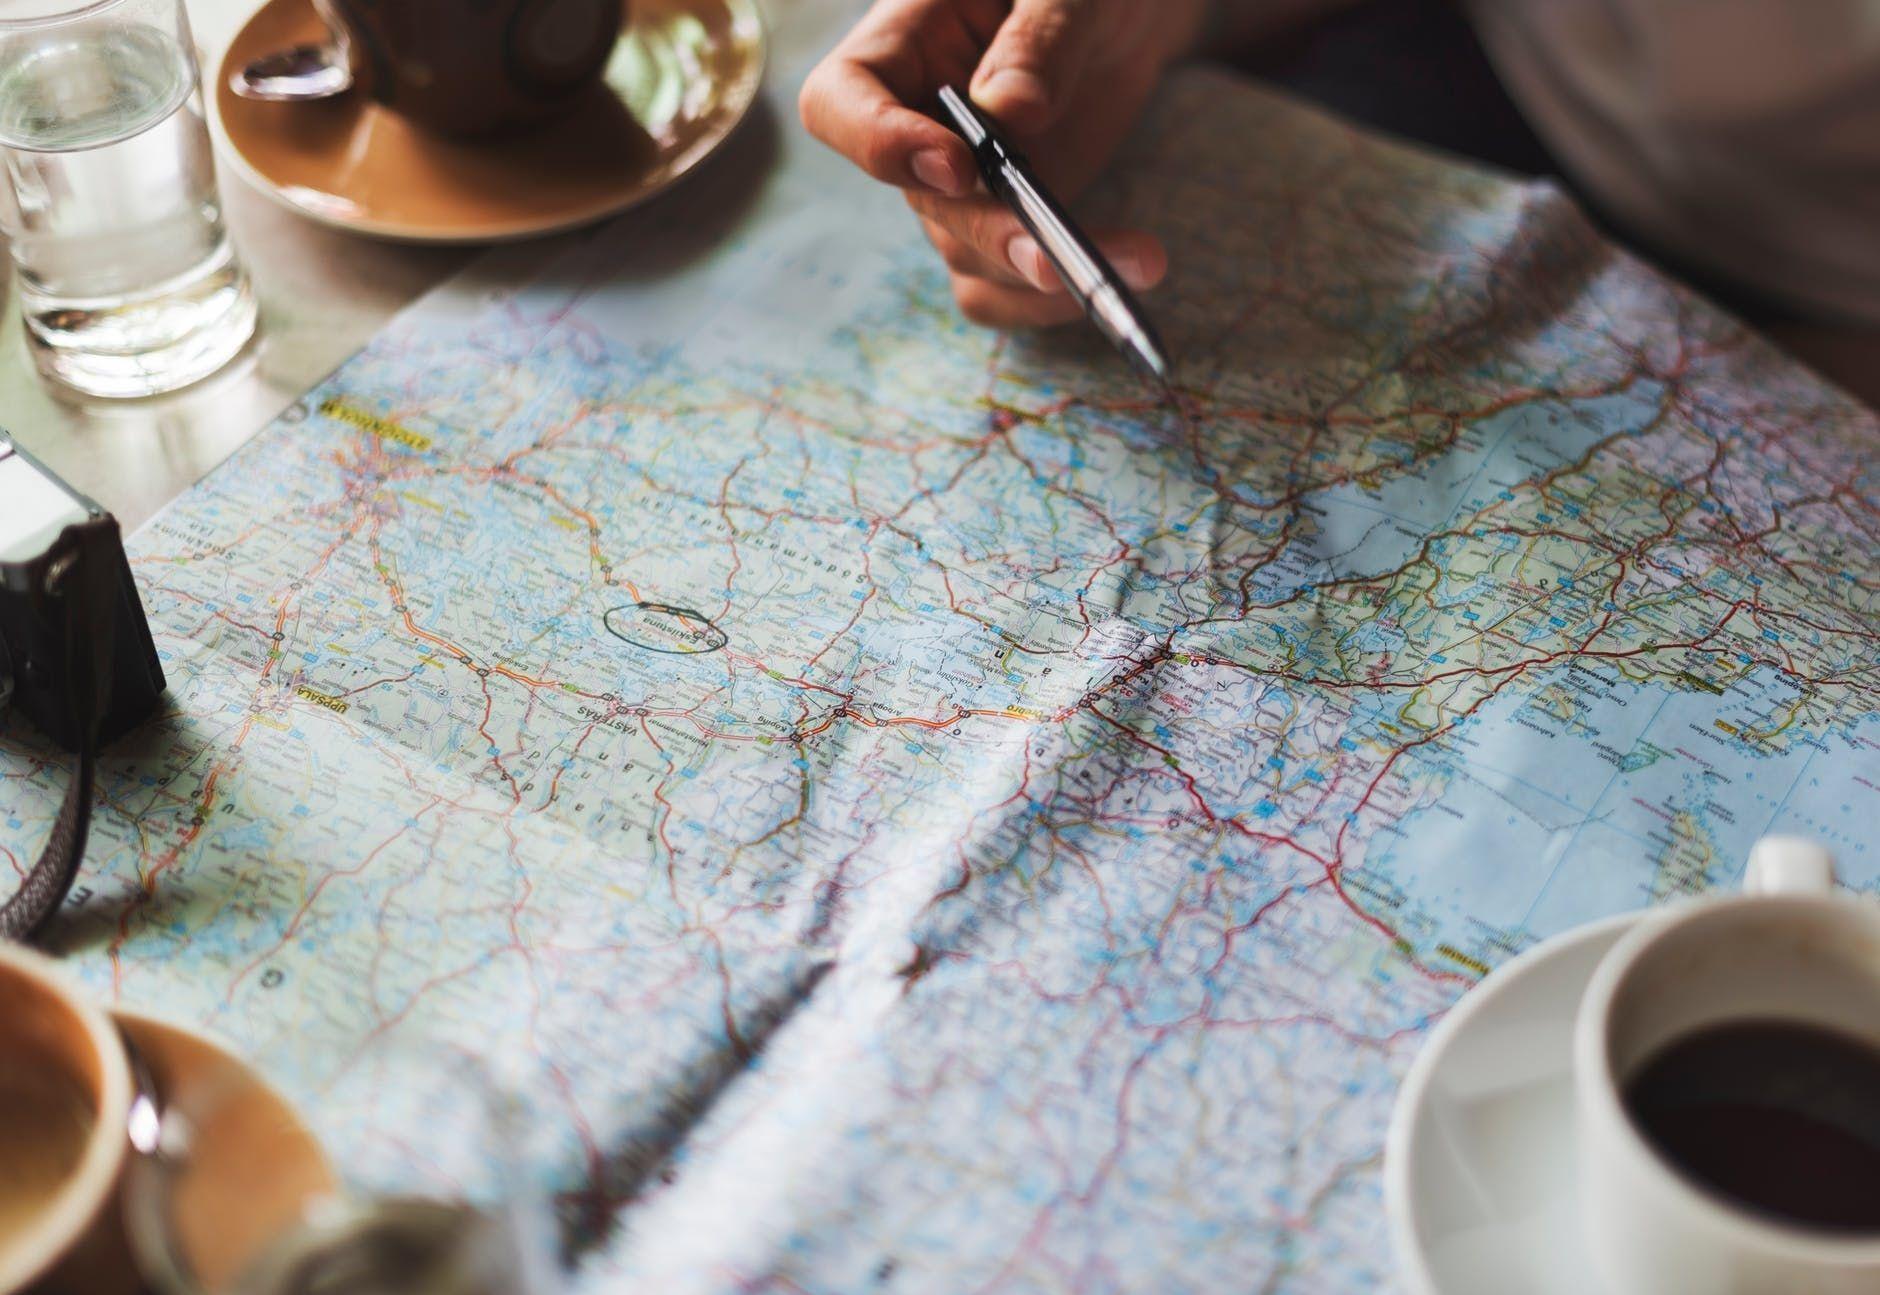 Nikmati Waktu Berdua, Ini Tips Traveling Hemat dengan Pasangan